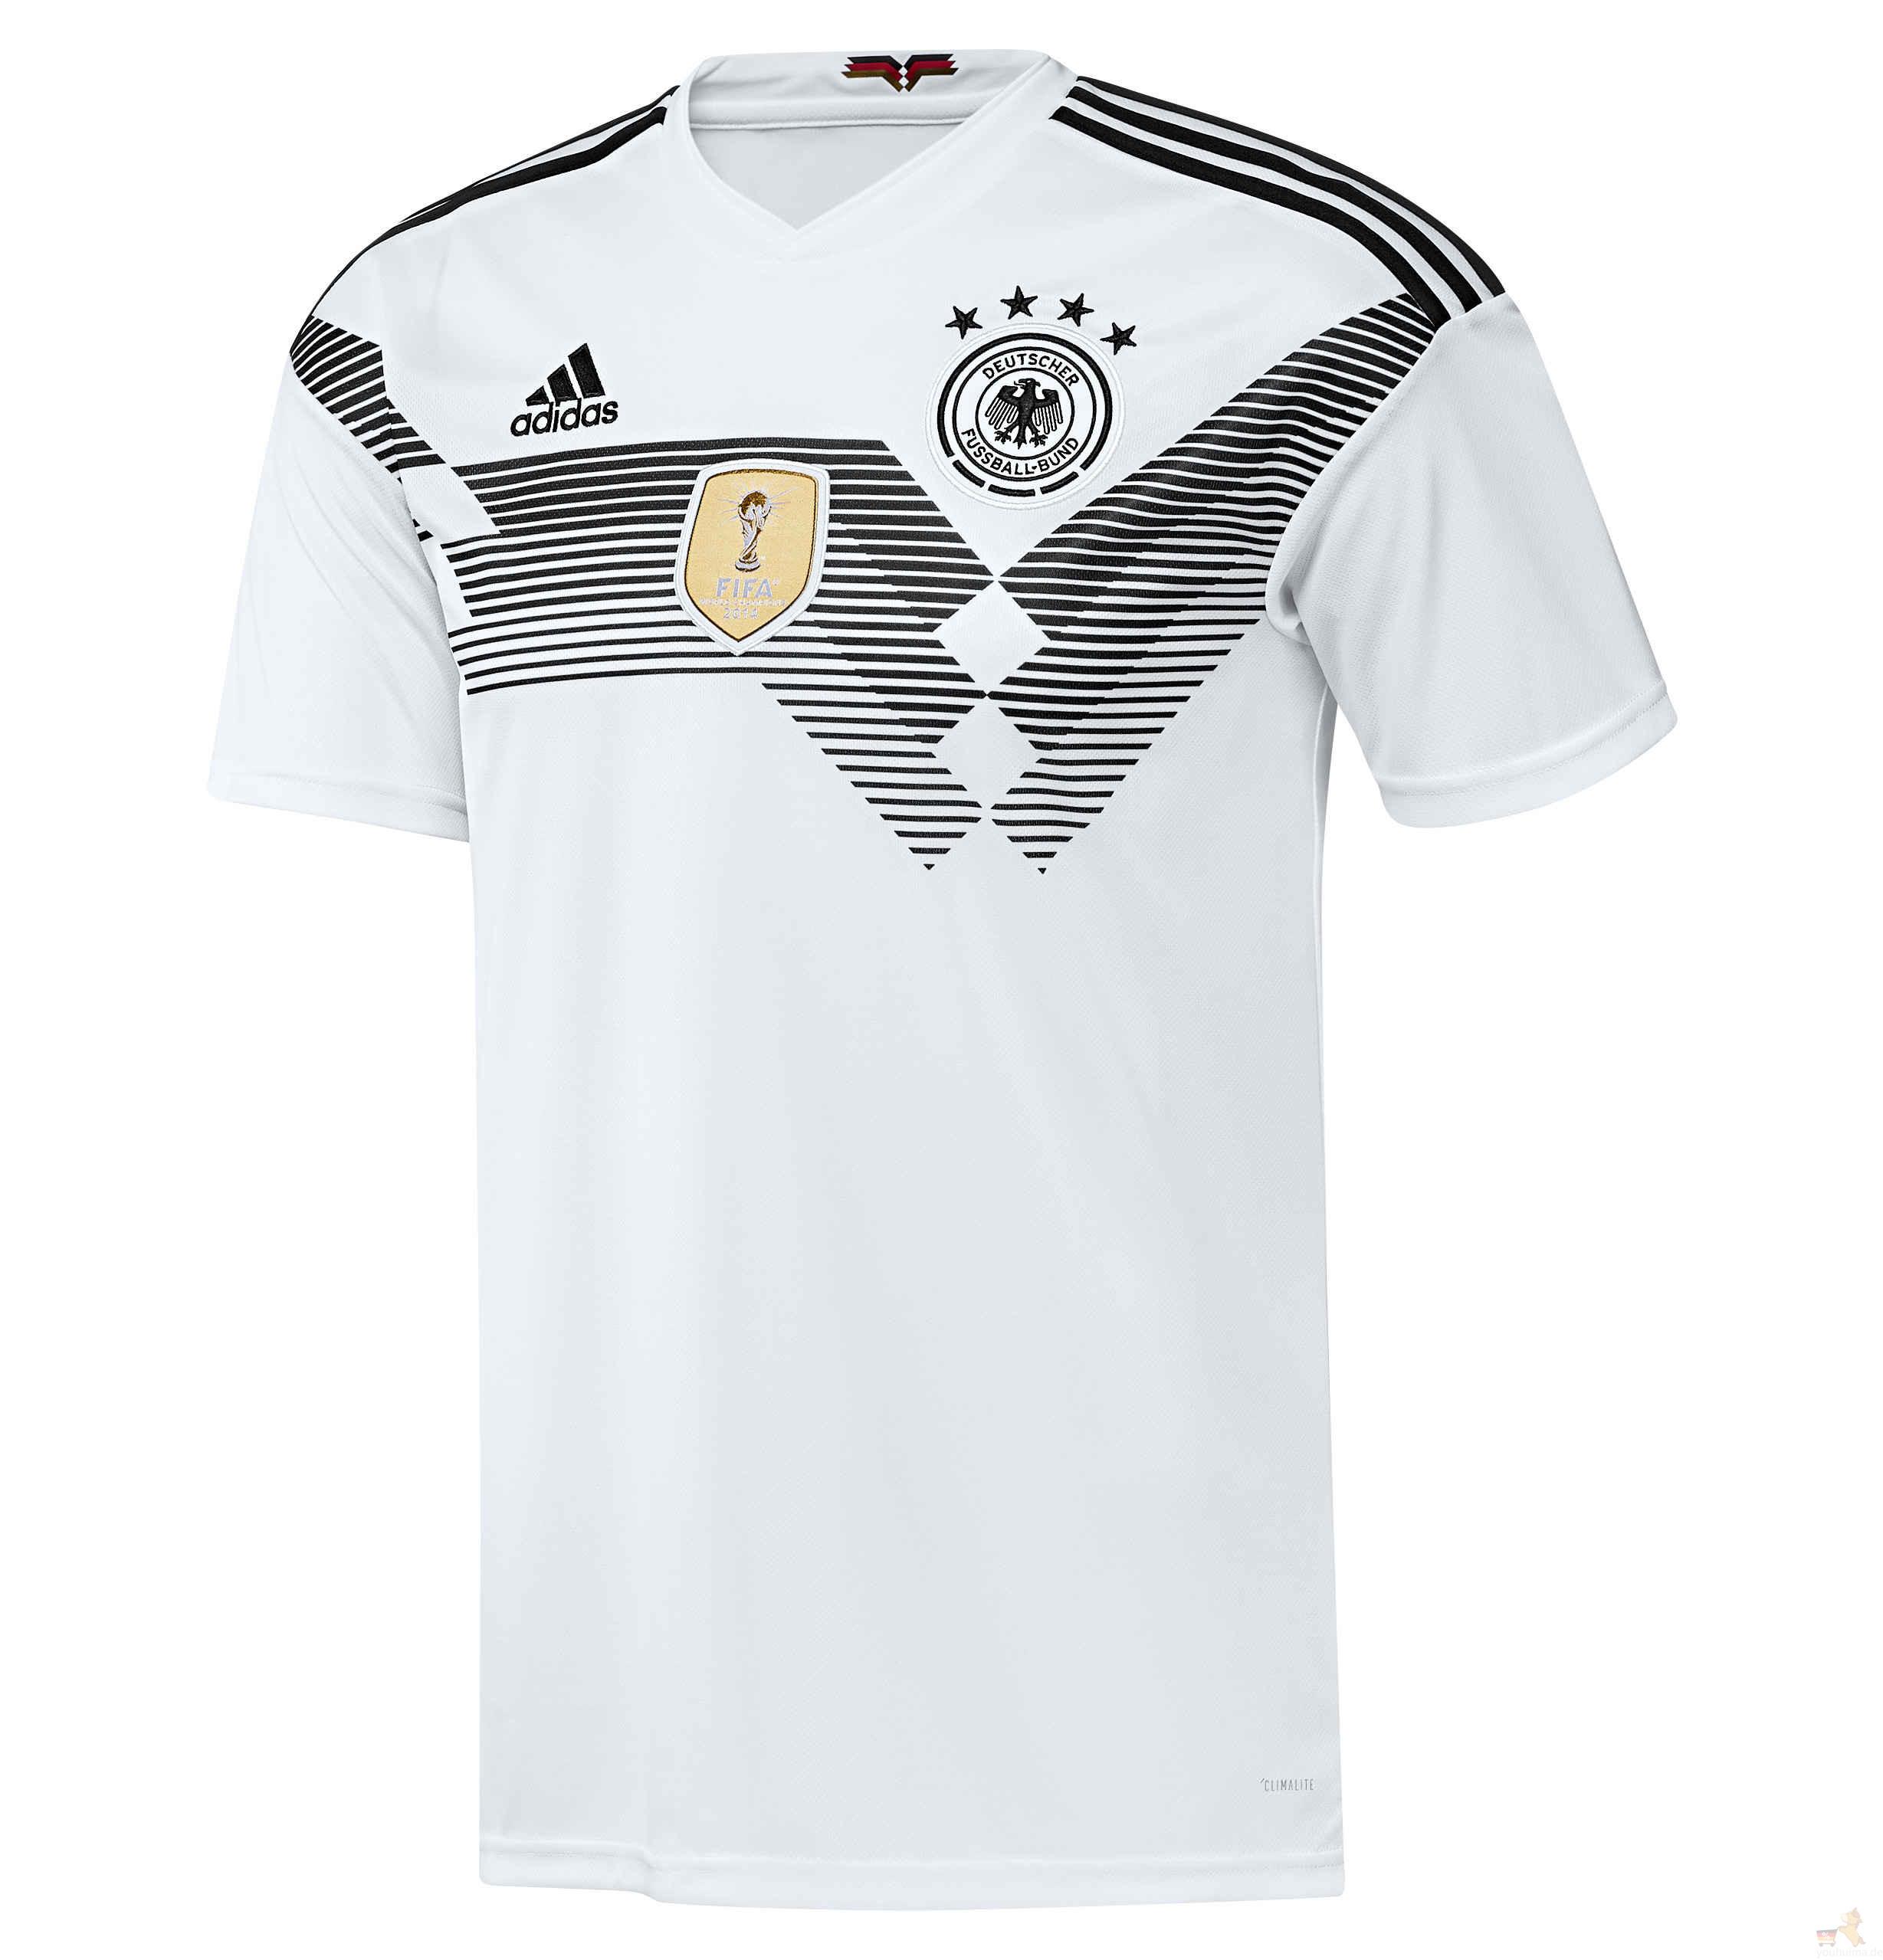 阿迪达斯世界杯德国国家队队服6折起甩卖